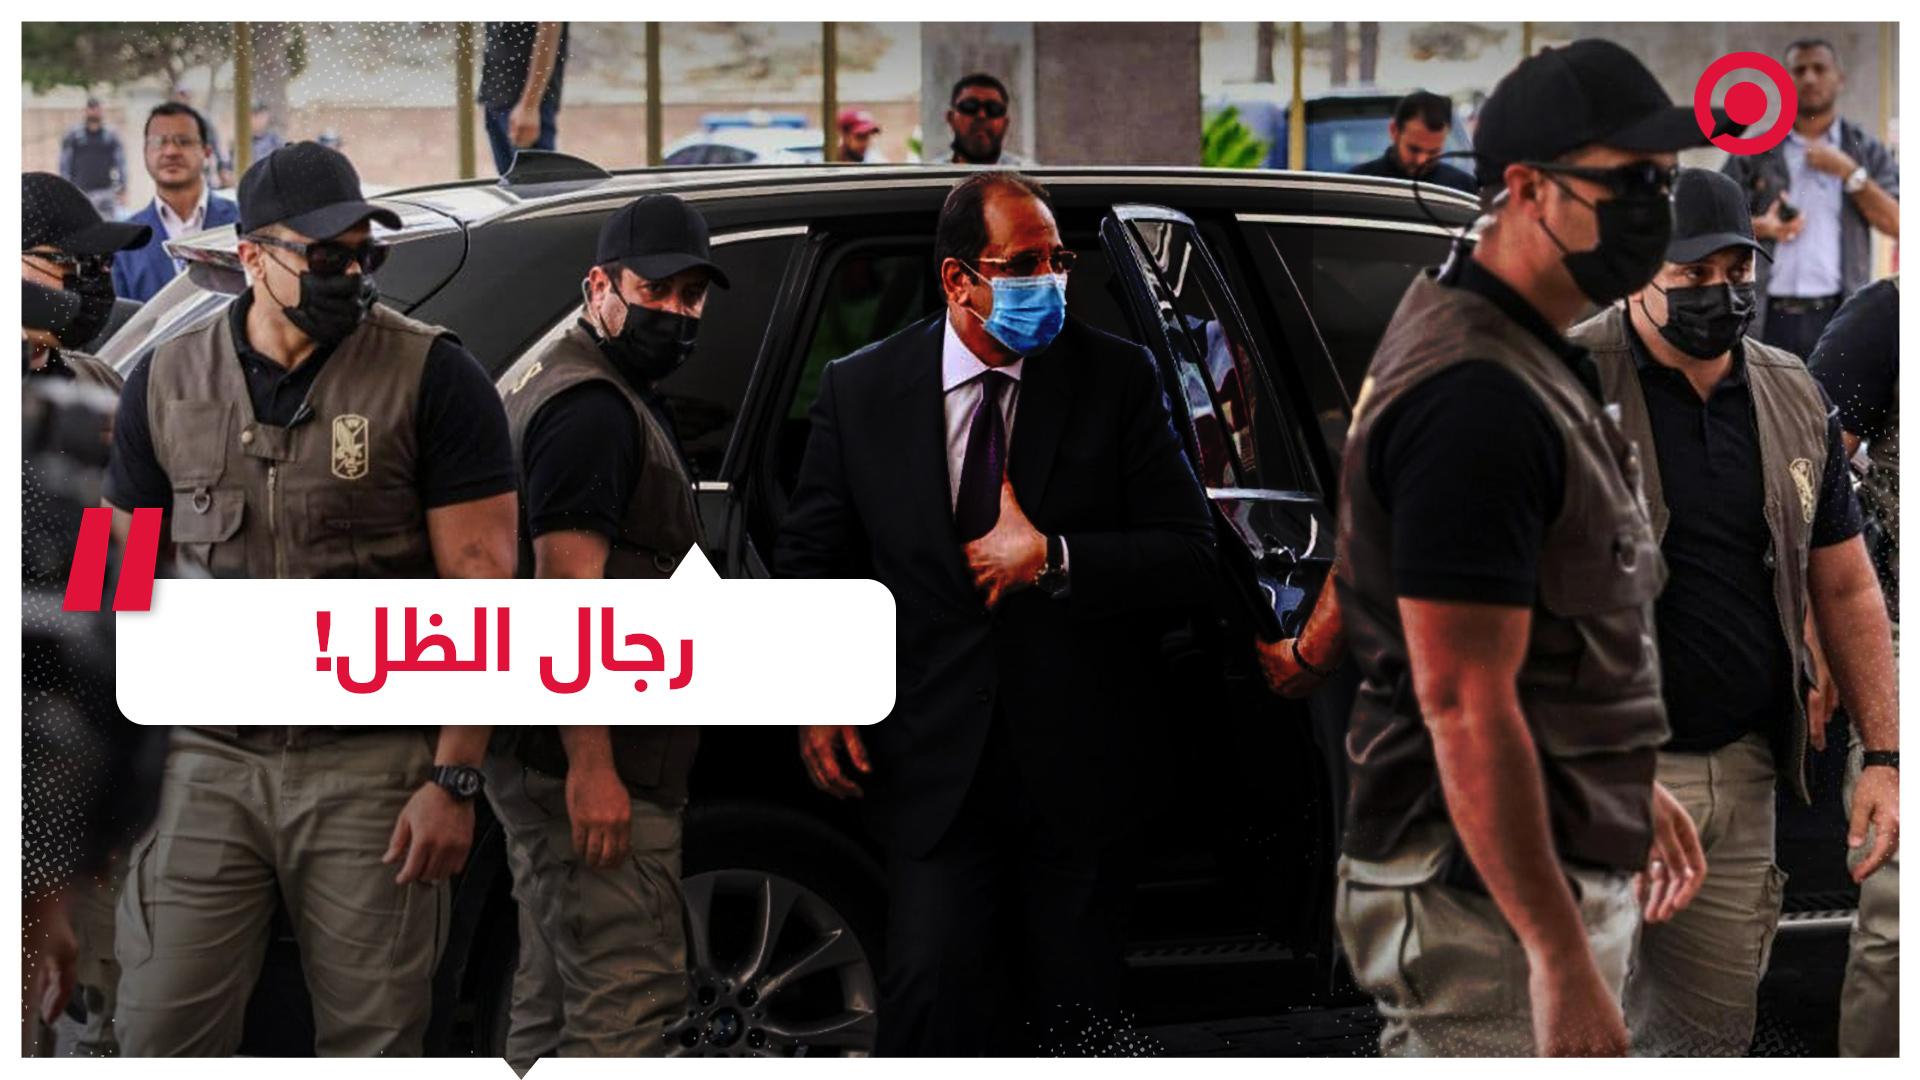 تعرف على قوات الـ GIS المصرية الخاصة!